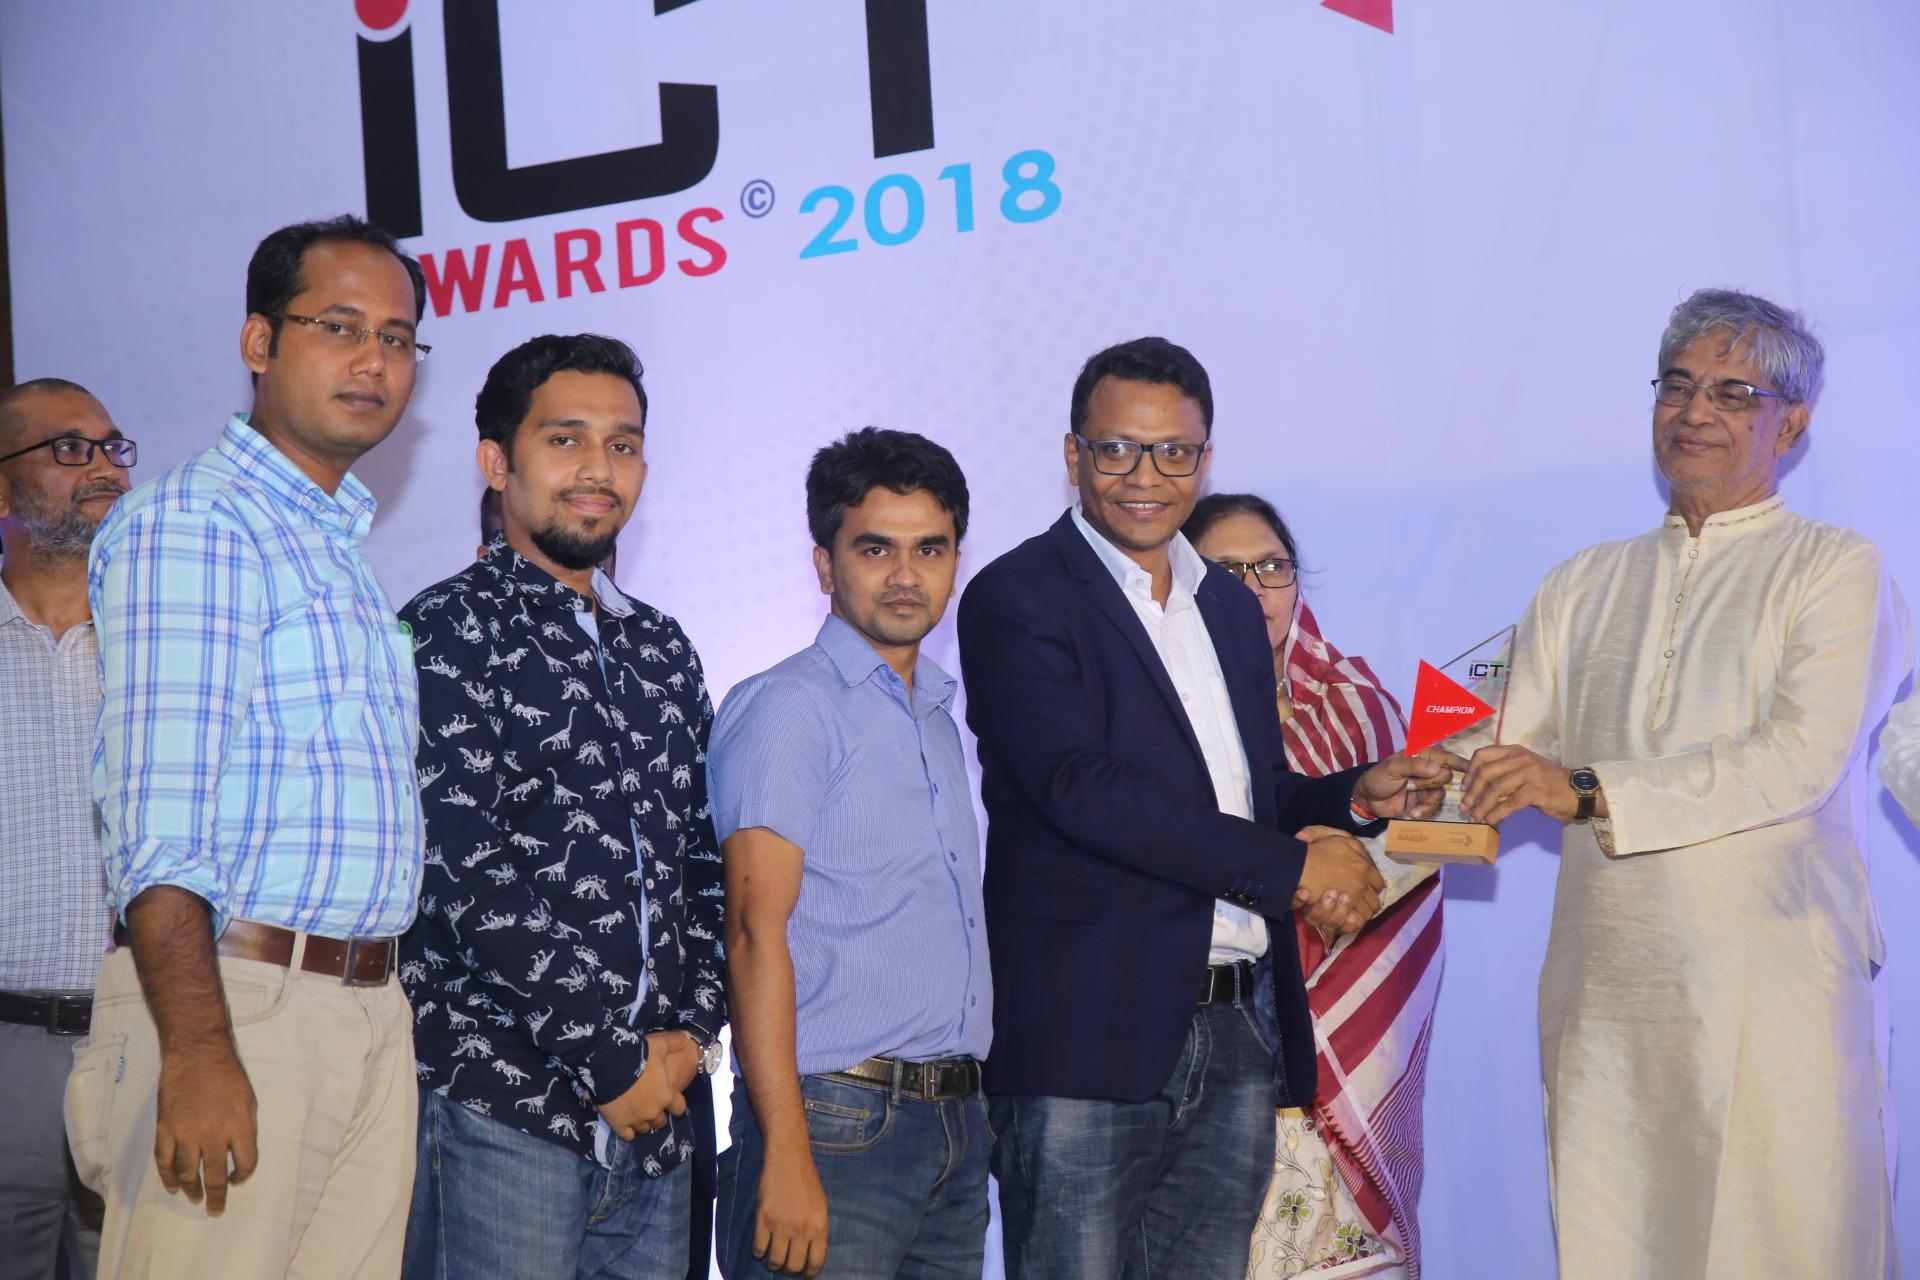 BASIS National ICT Awards 2018- Award Ceremony